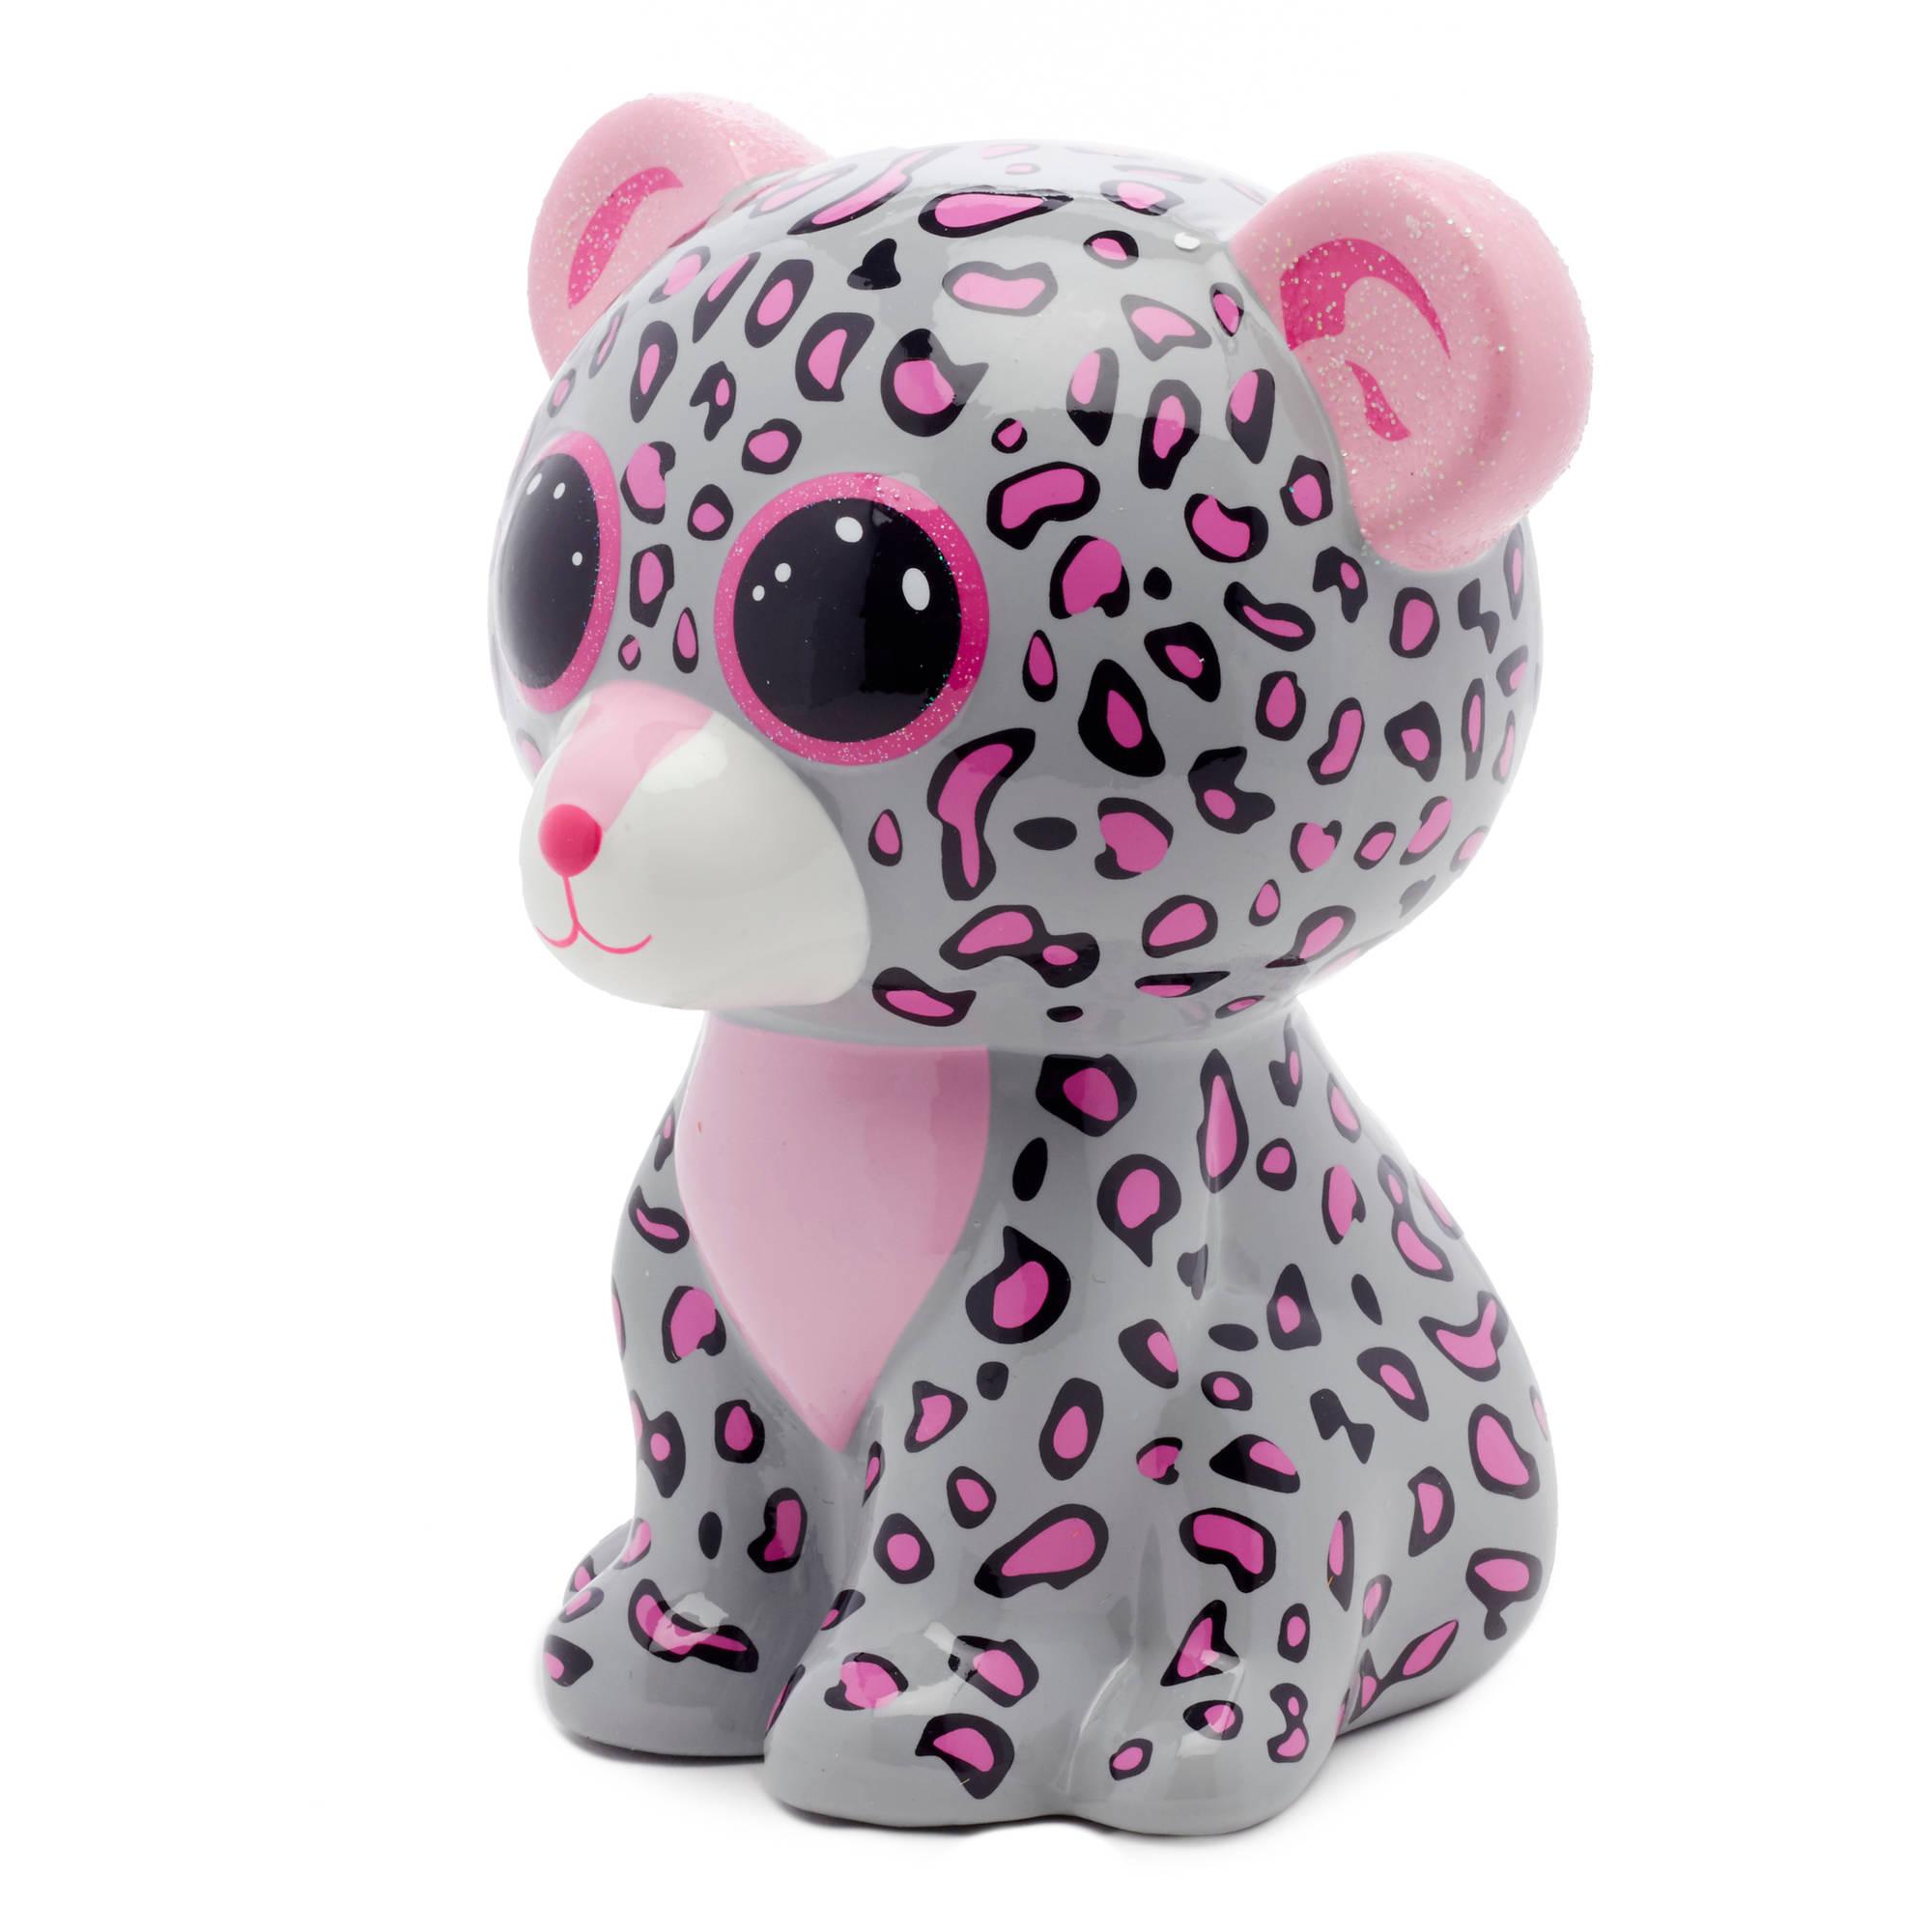 Beanie Boo Figural Ceramic Cat Piggy Bank Walmart